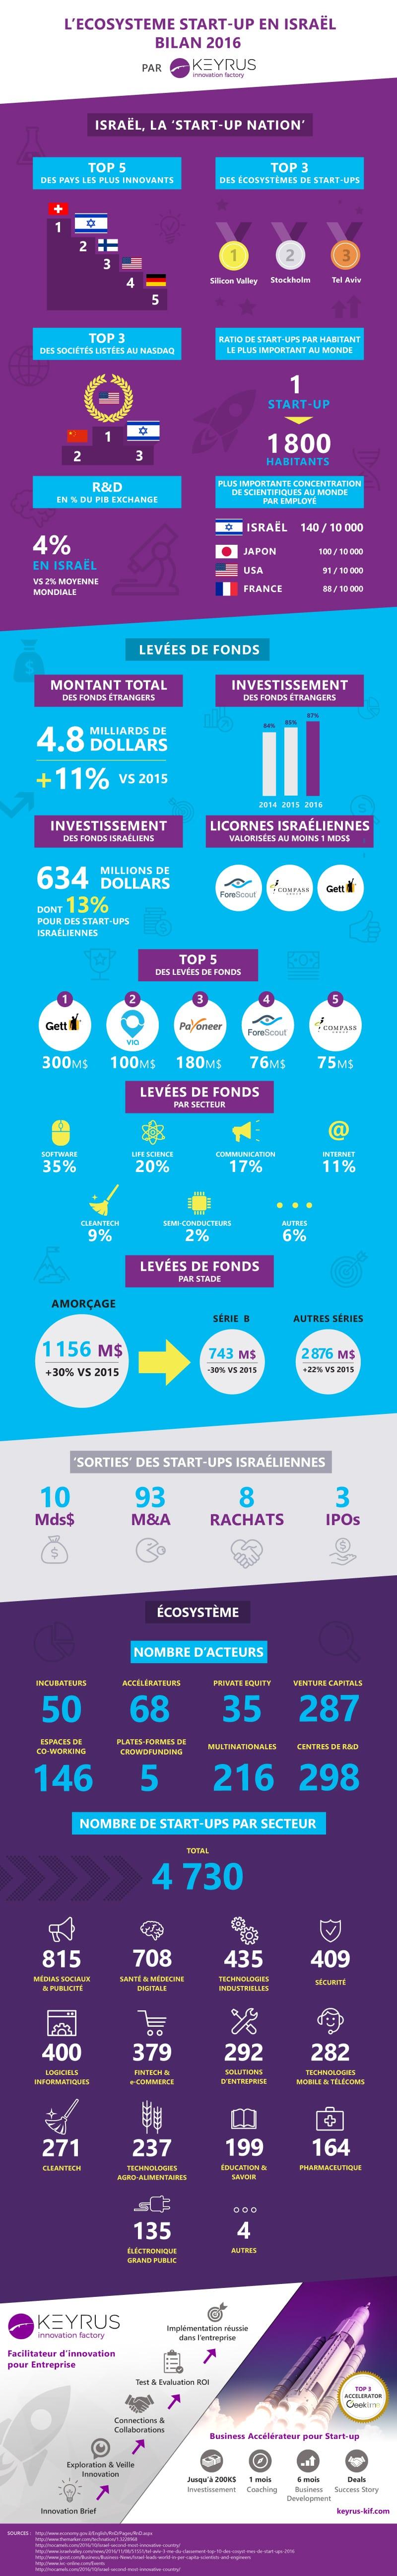 L'écosystème des start-up en Israel - bilan 2016